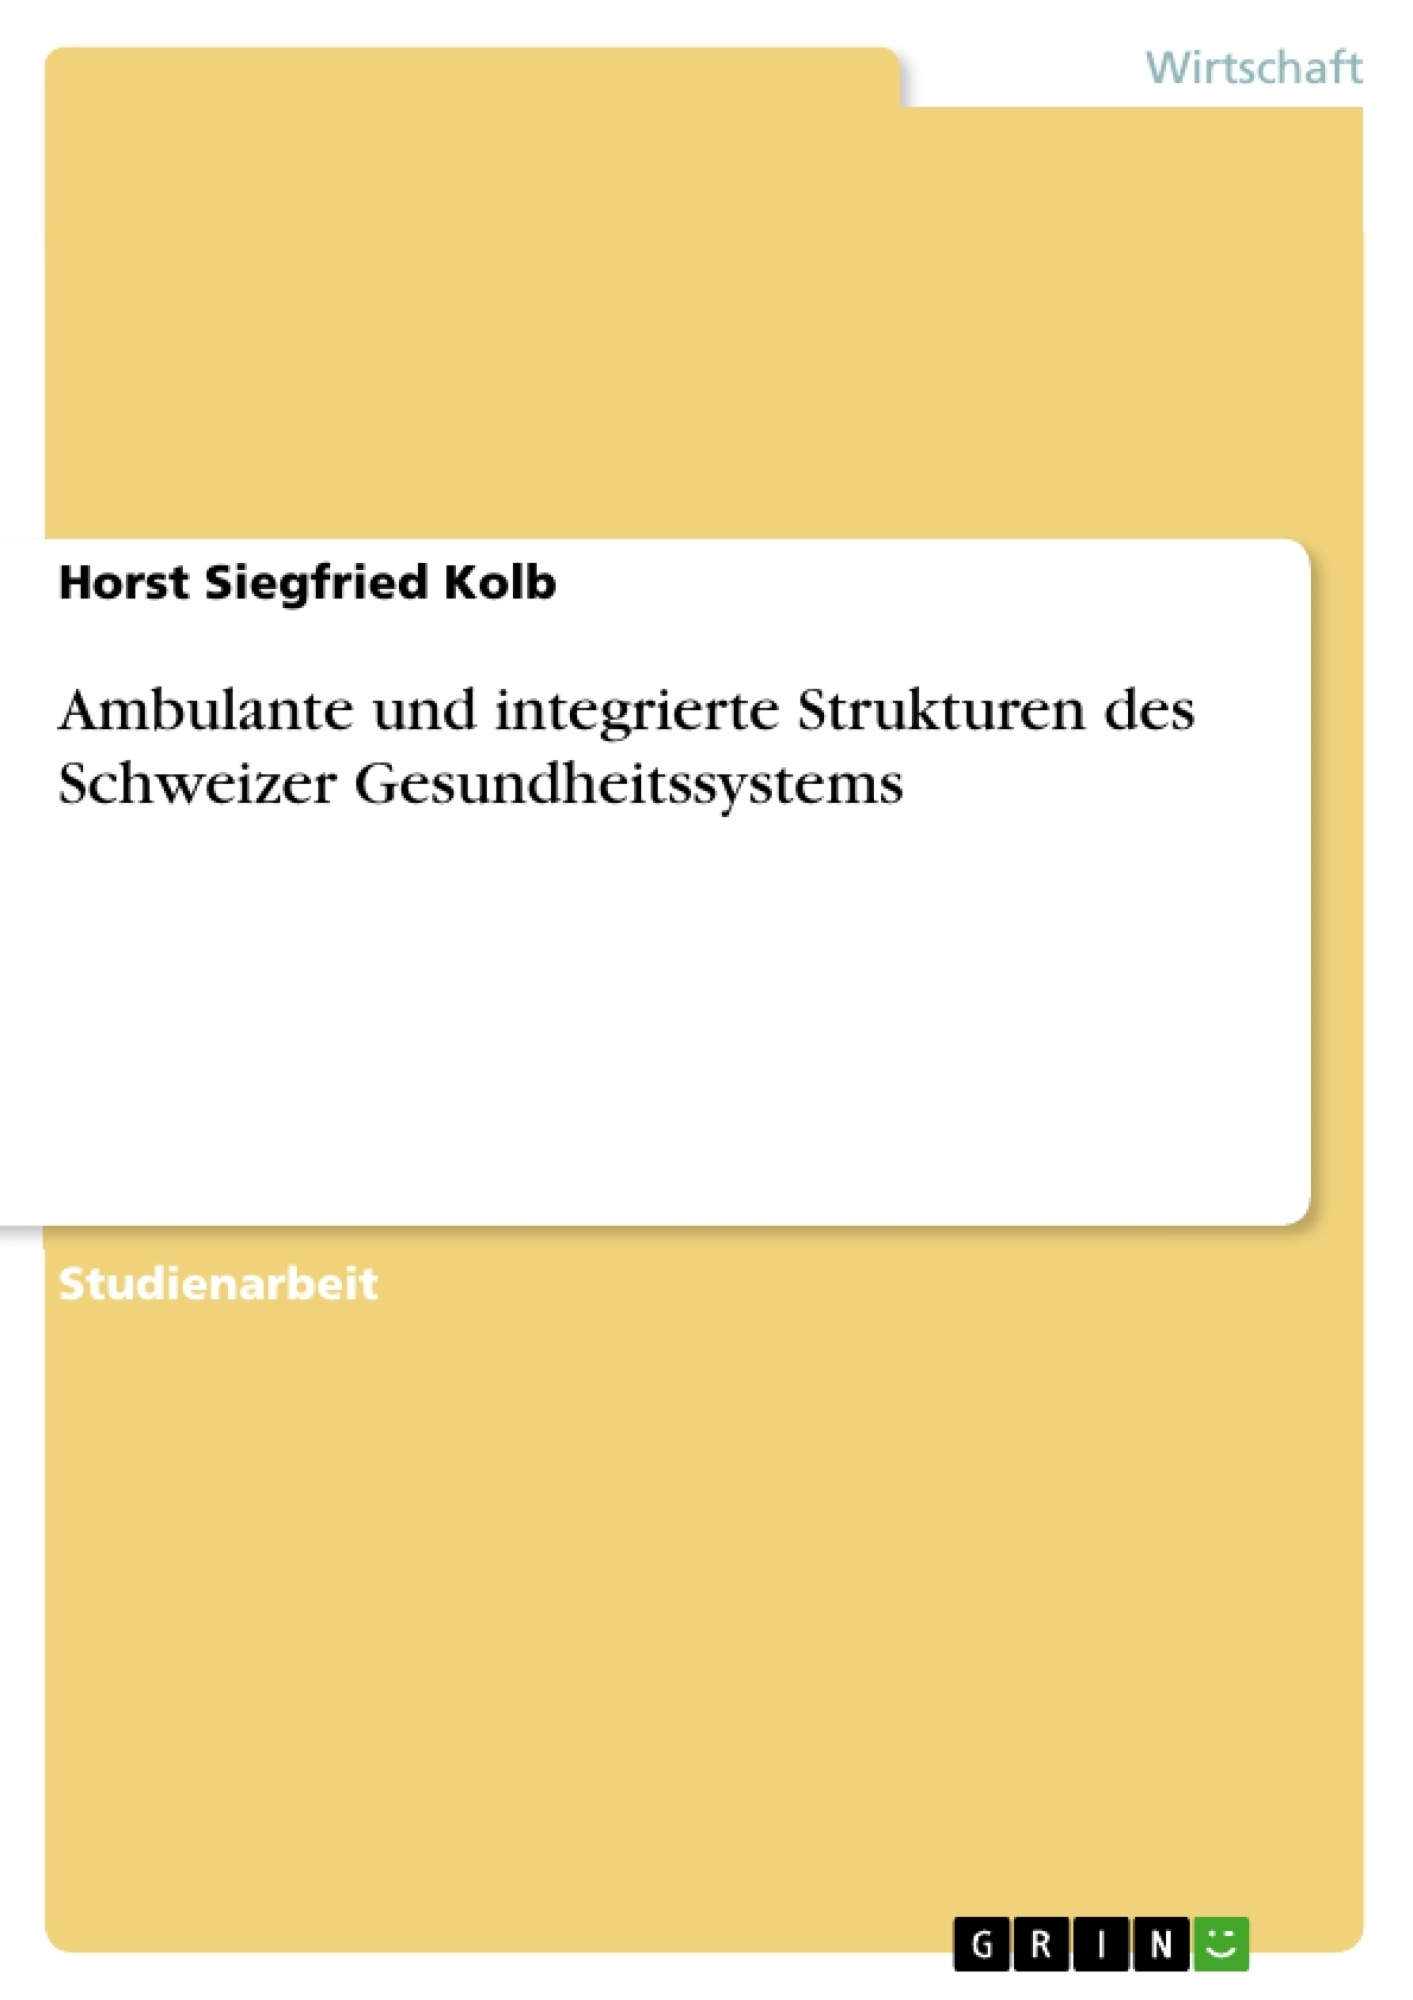 Titel: Ambulante und integrierte Strukturen des Schweizer Gesundheitssystems